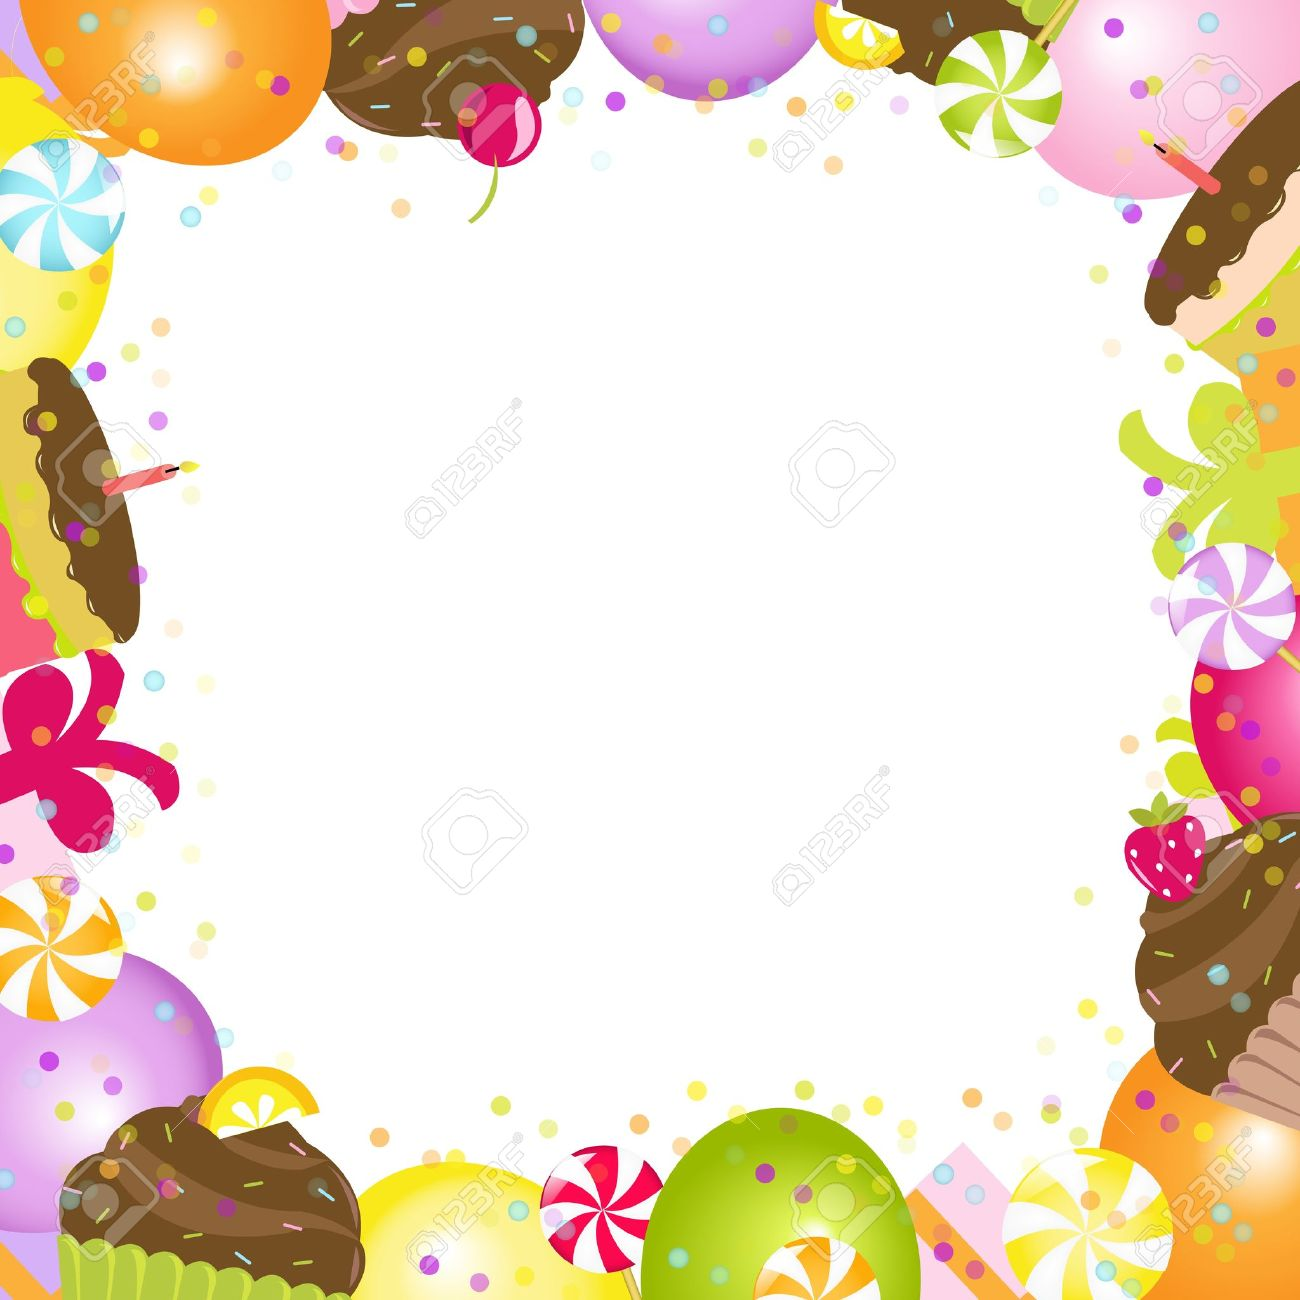 Cadre Anniversaire cadre d'anniversaire, isolé sur fond blanc, vector illustration clip